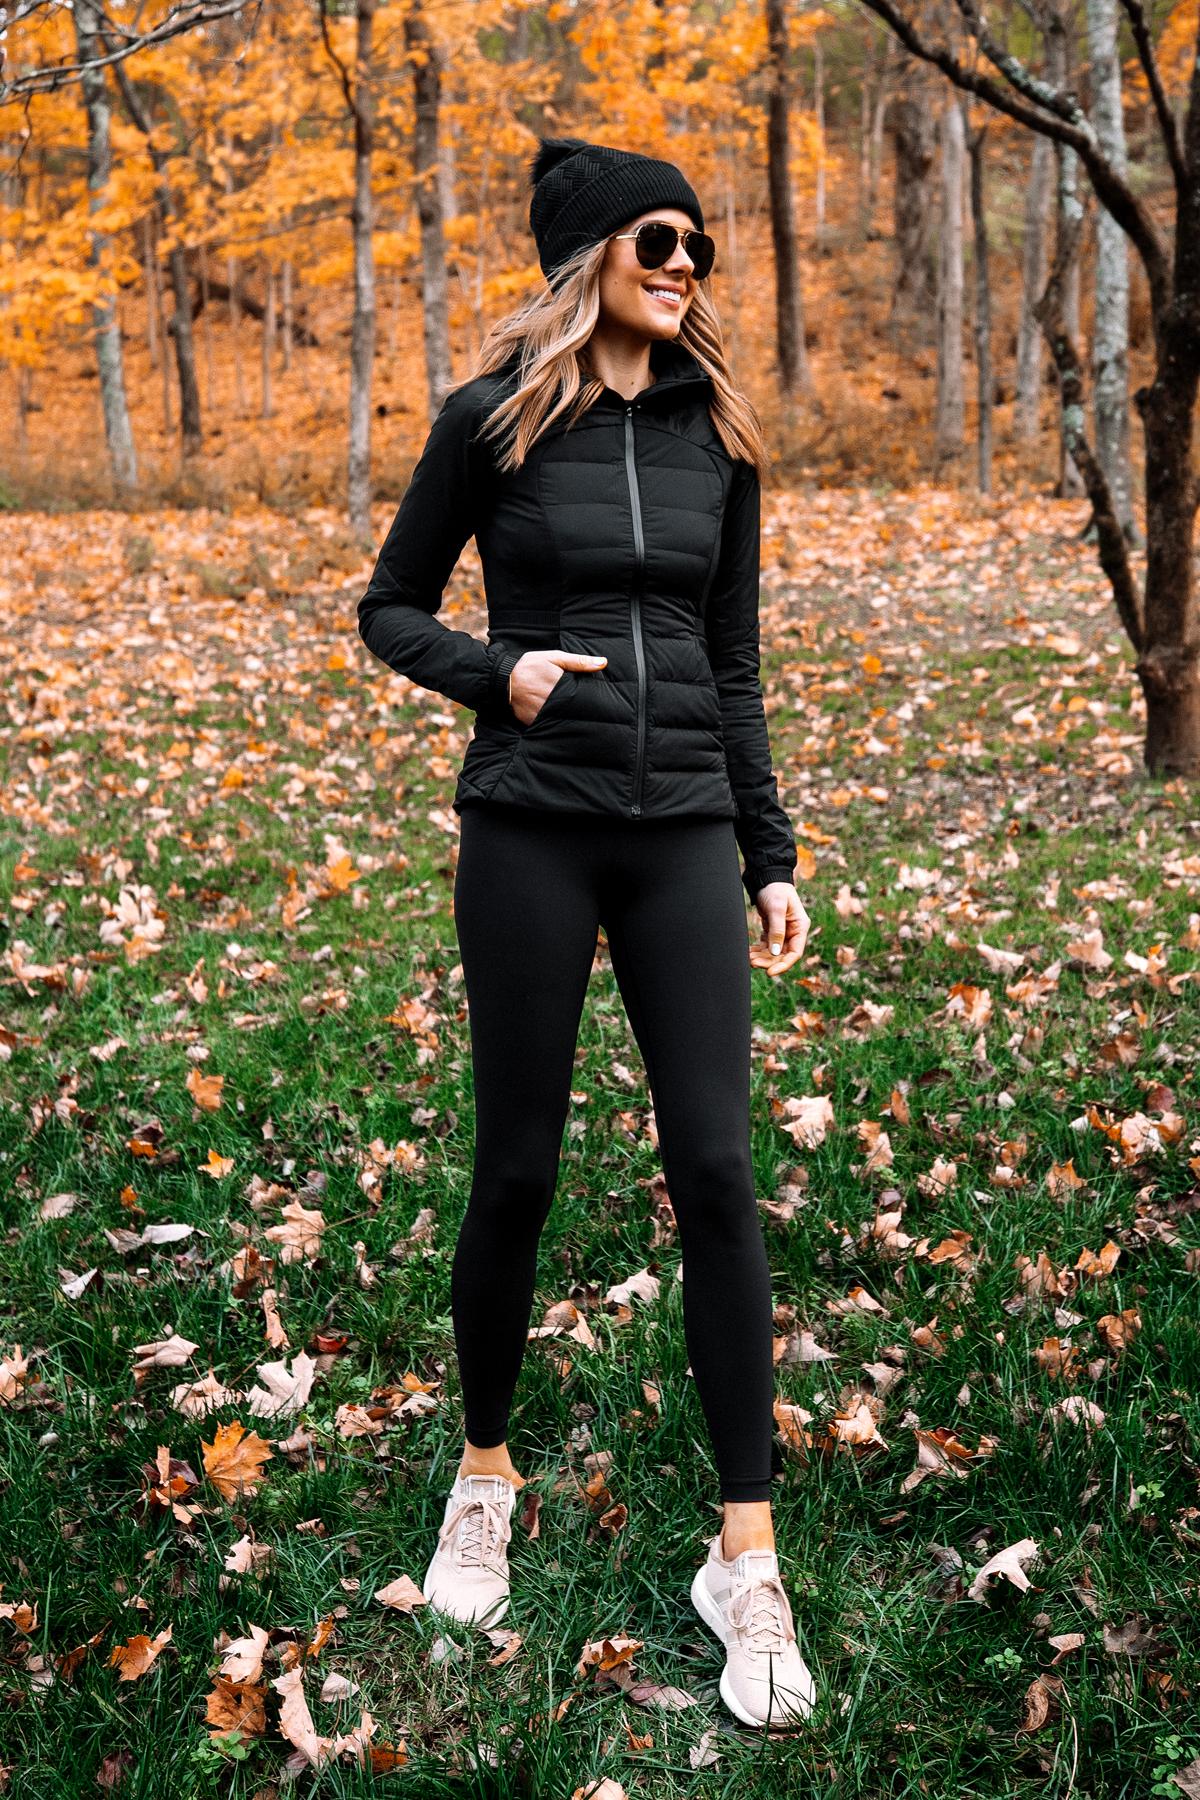 Fashion Jackson Wearing lululemon Black Beanie Black Jacket Black Leggings 1